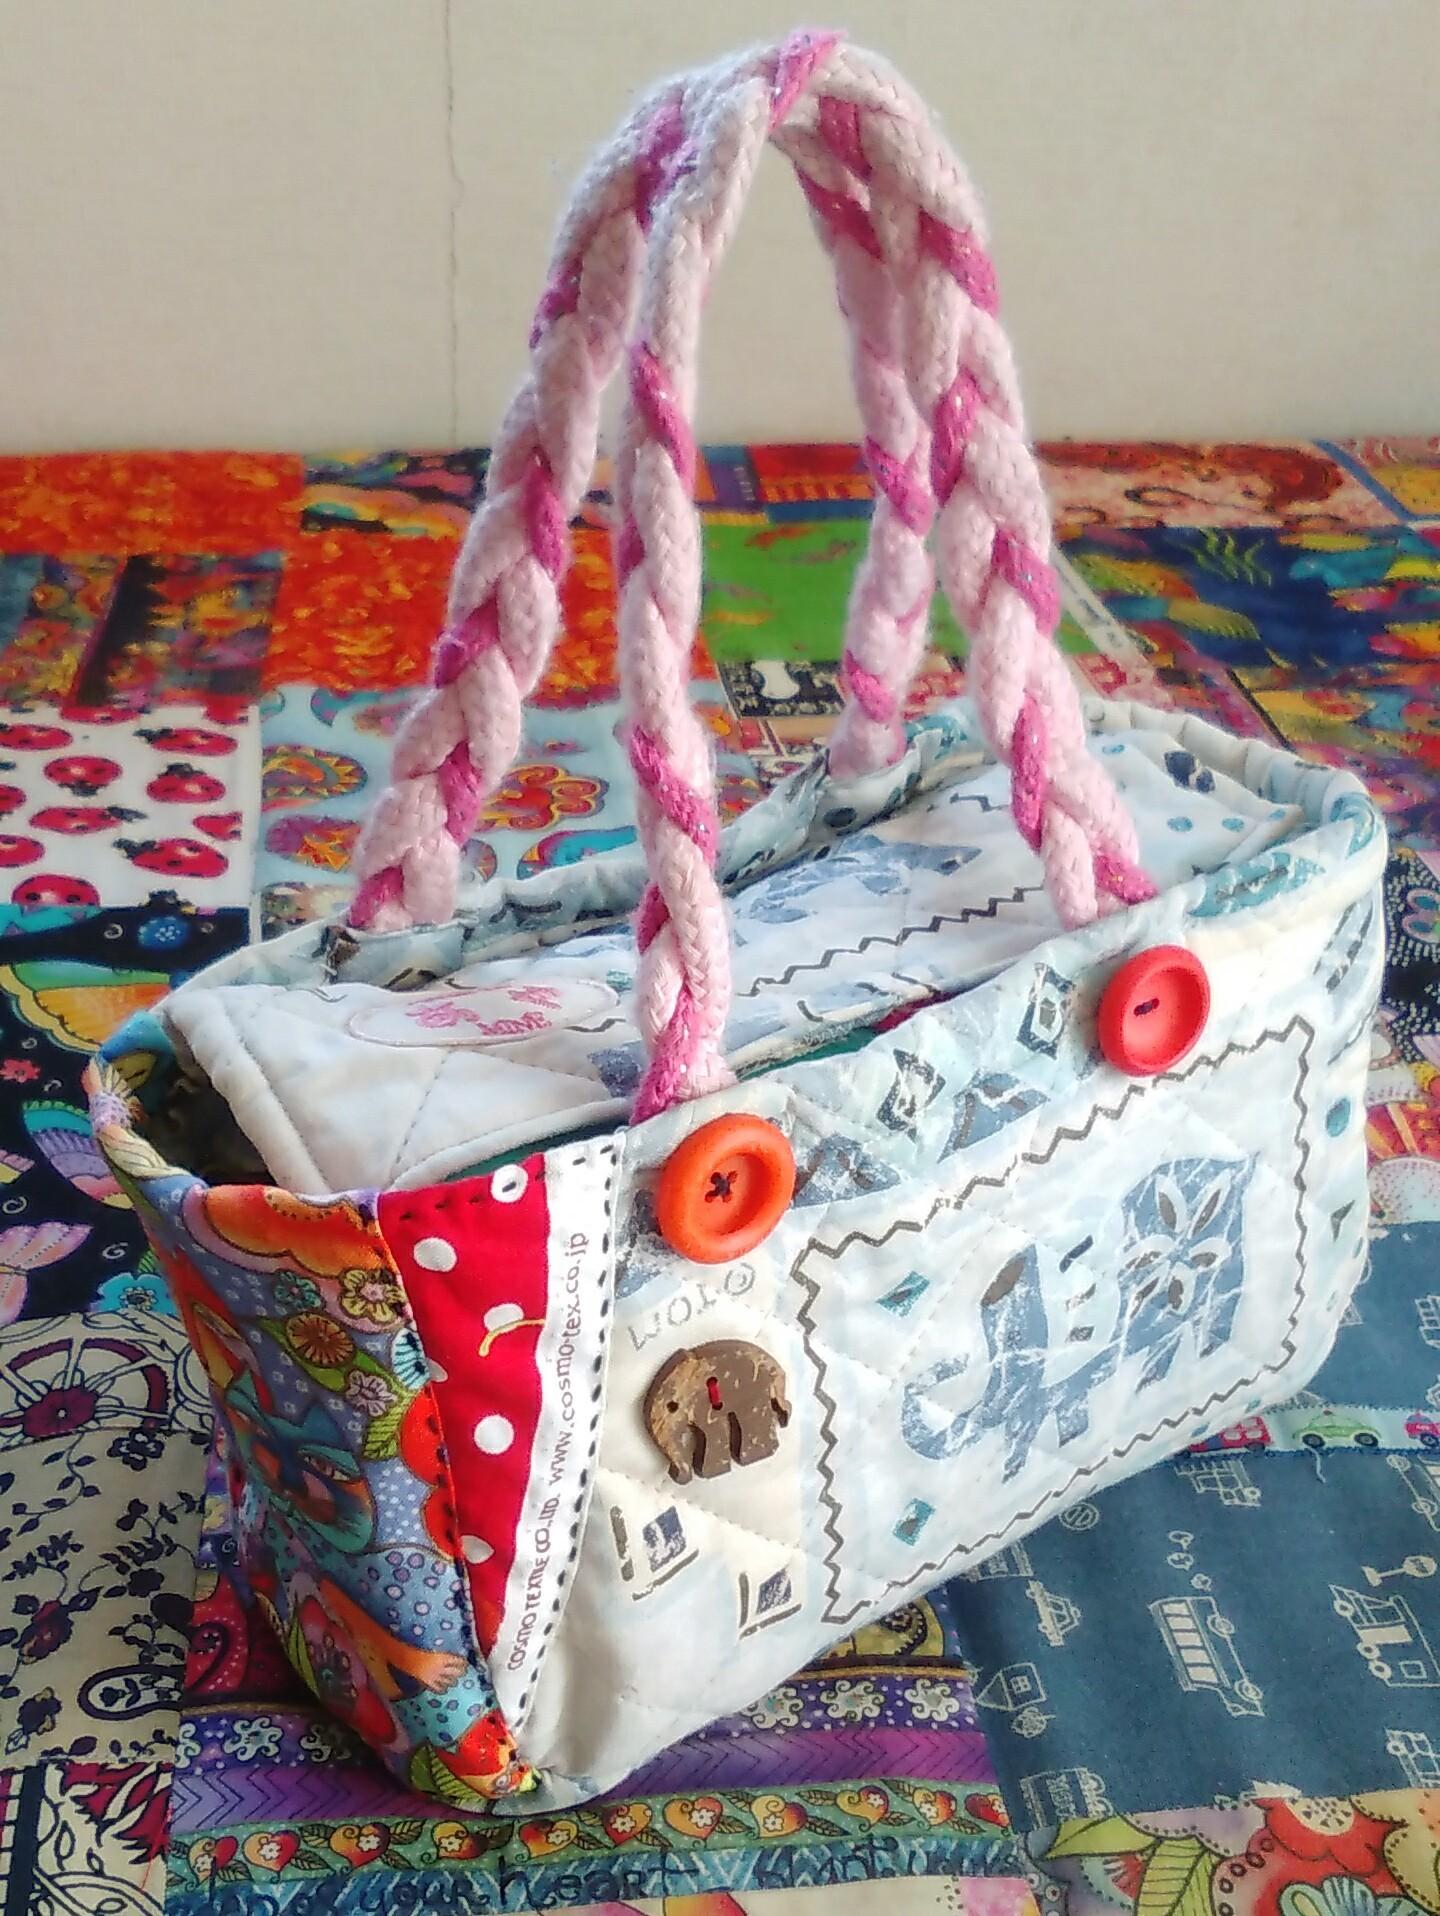 お裁縫セット 手作り お裁縫箱入れ ボタン パッチワーク